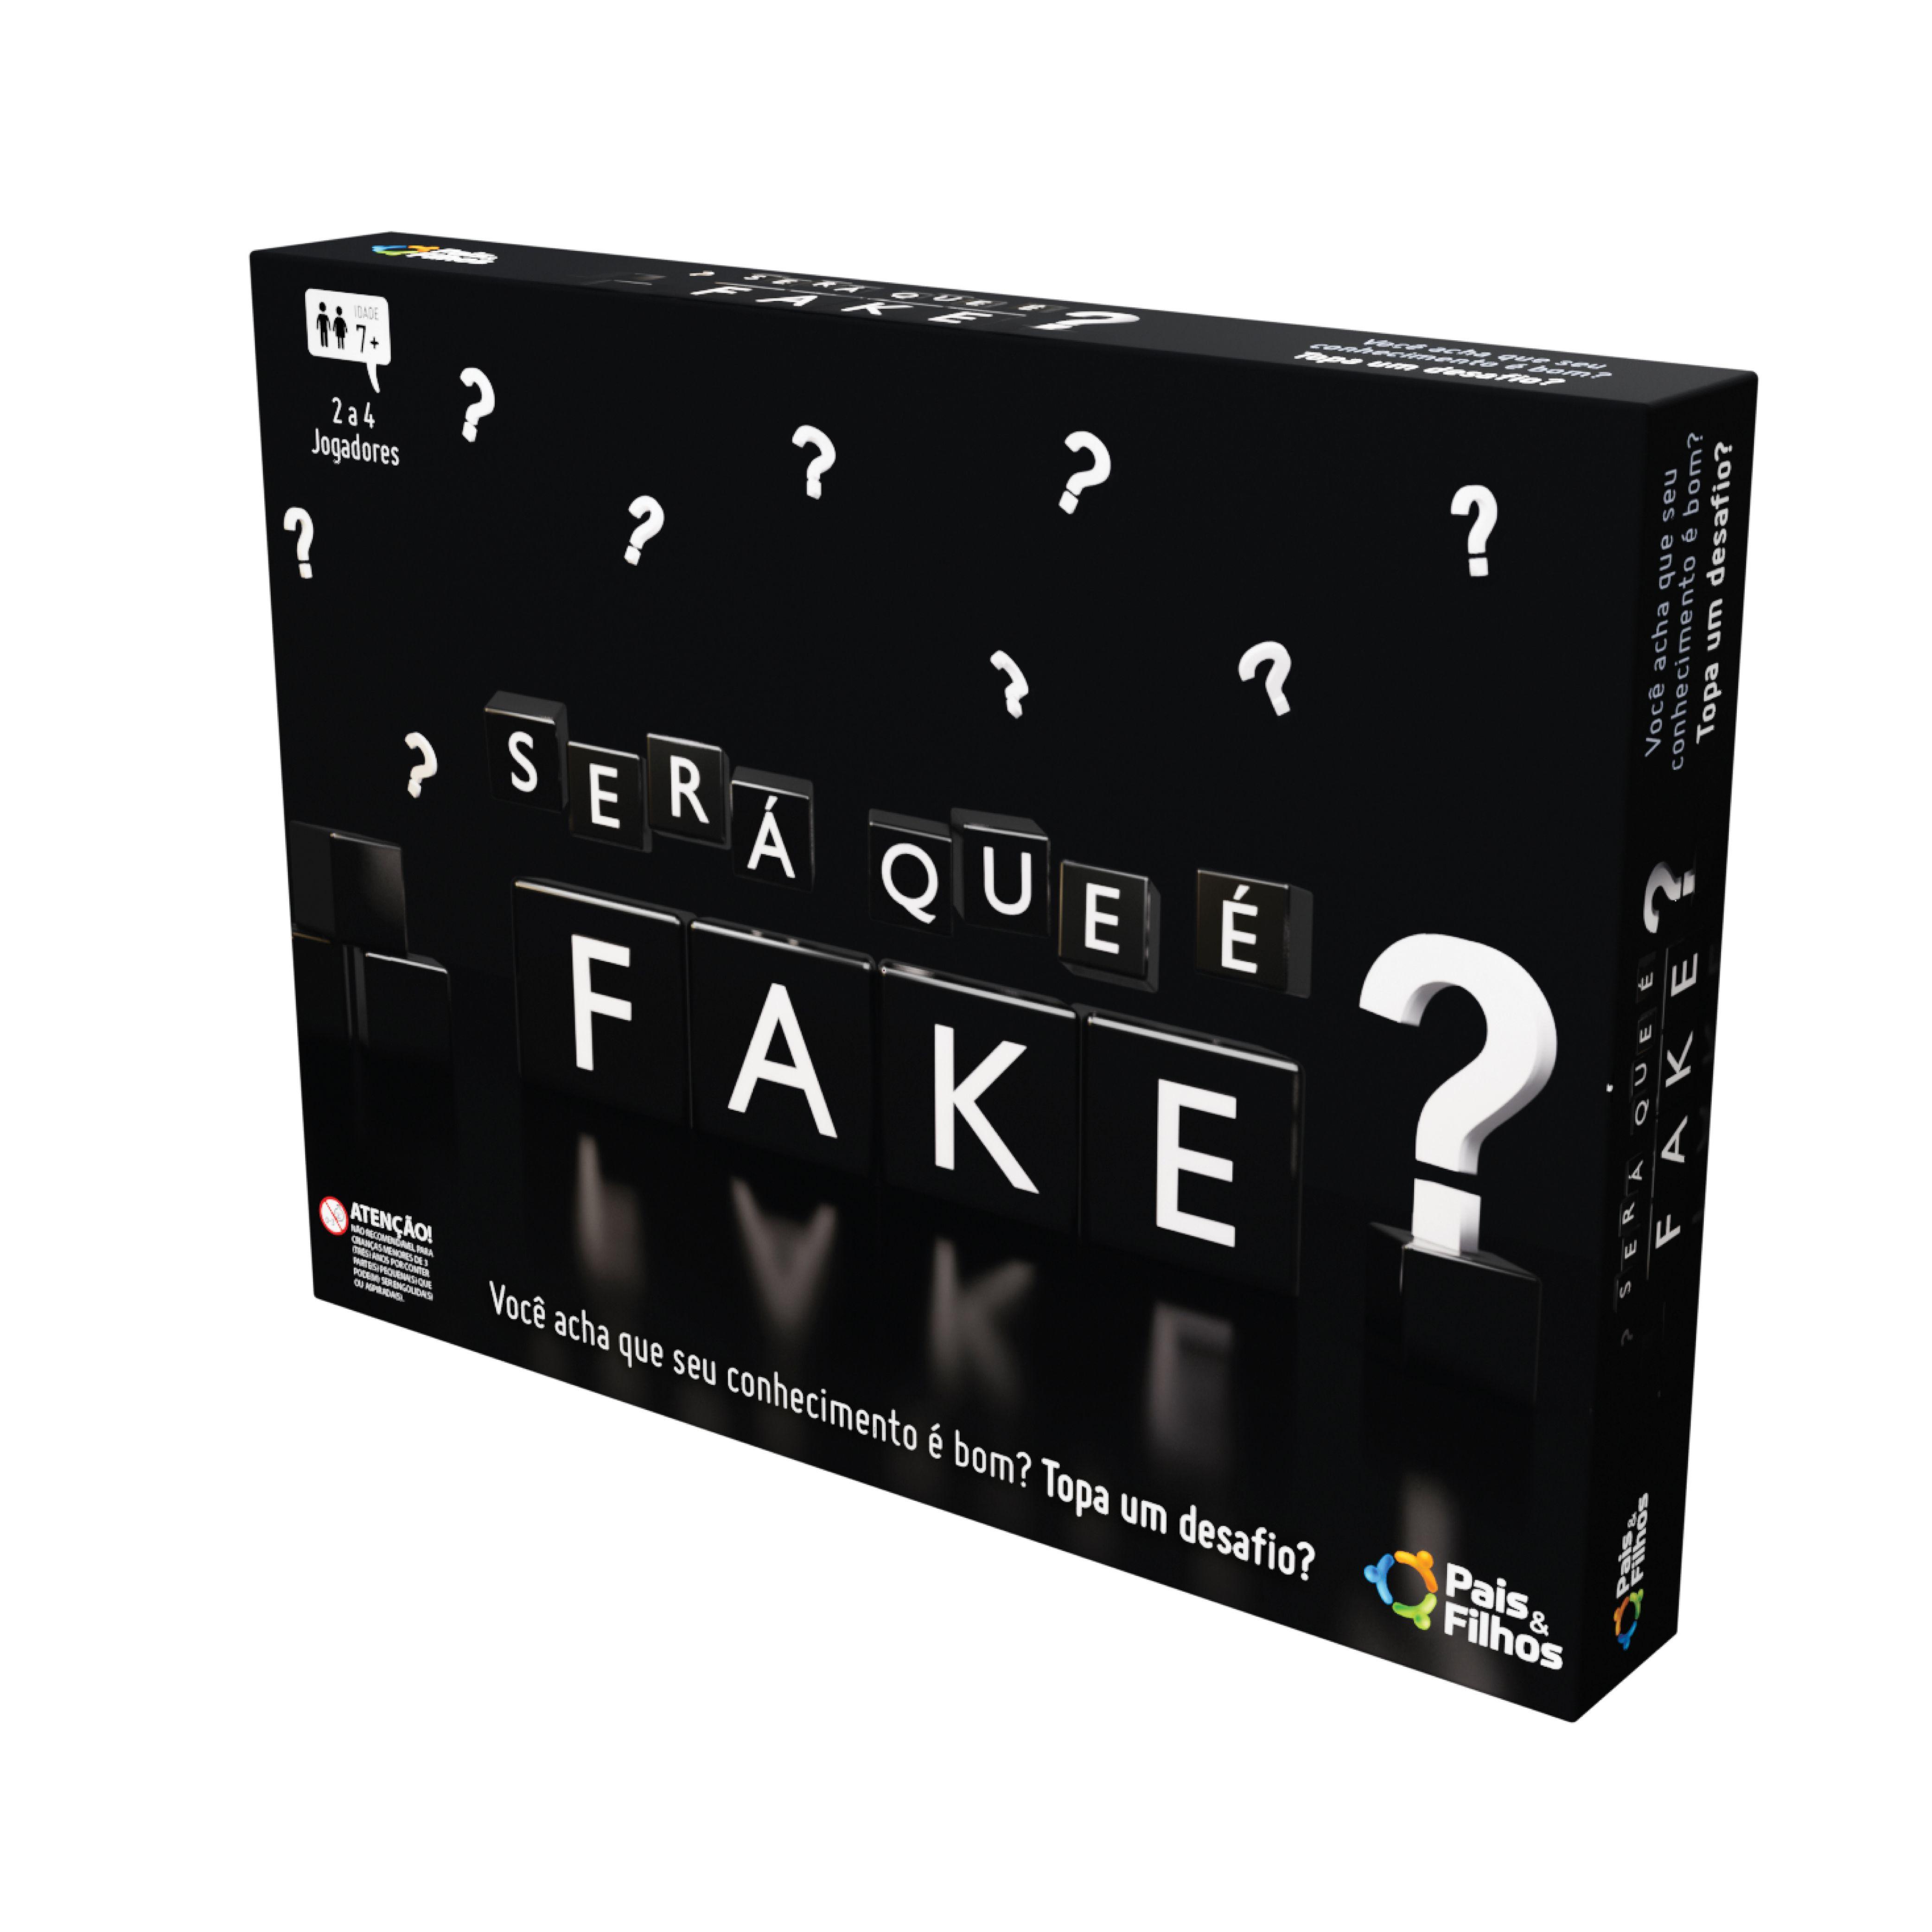 Será que é fake-10852